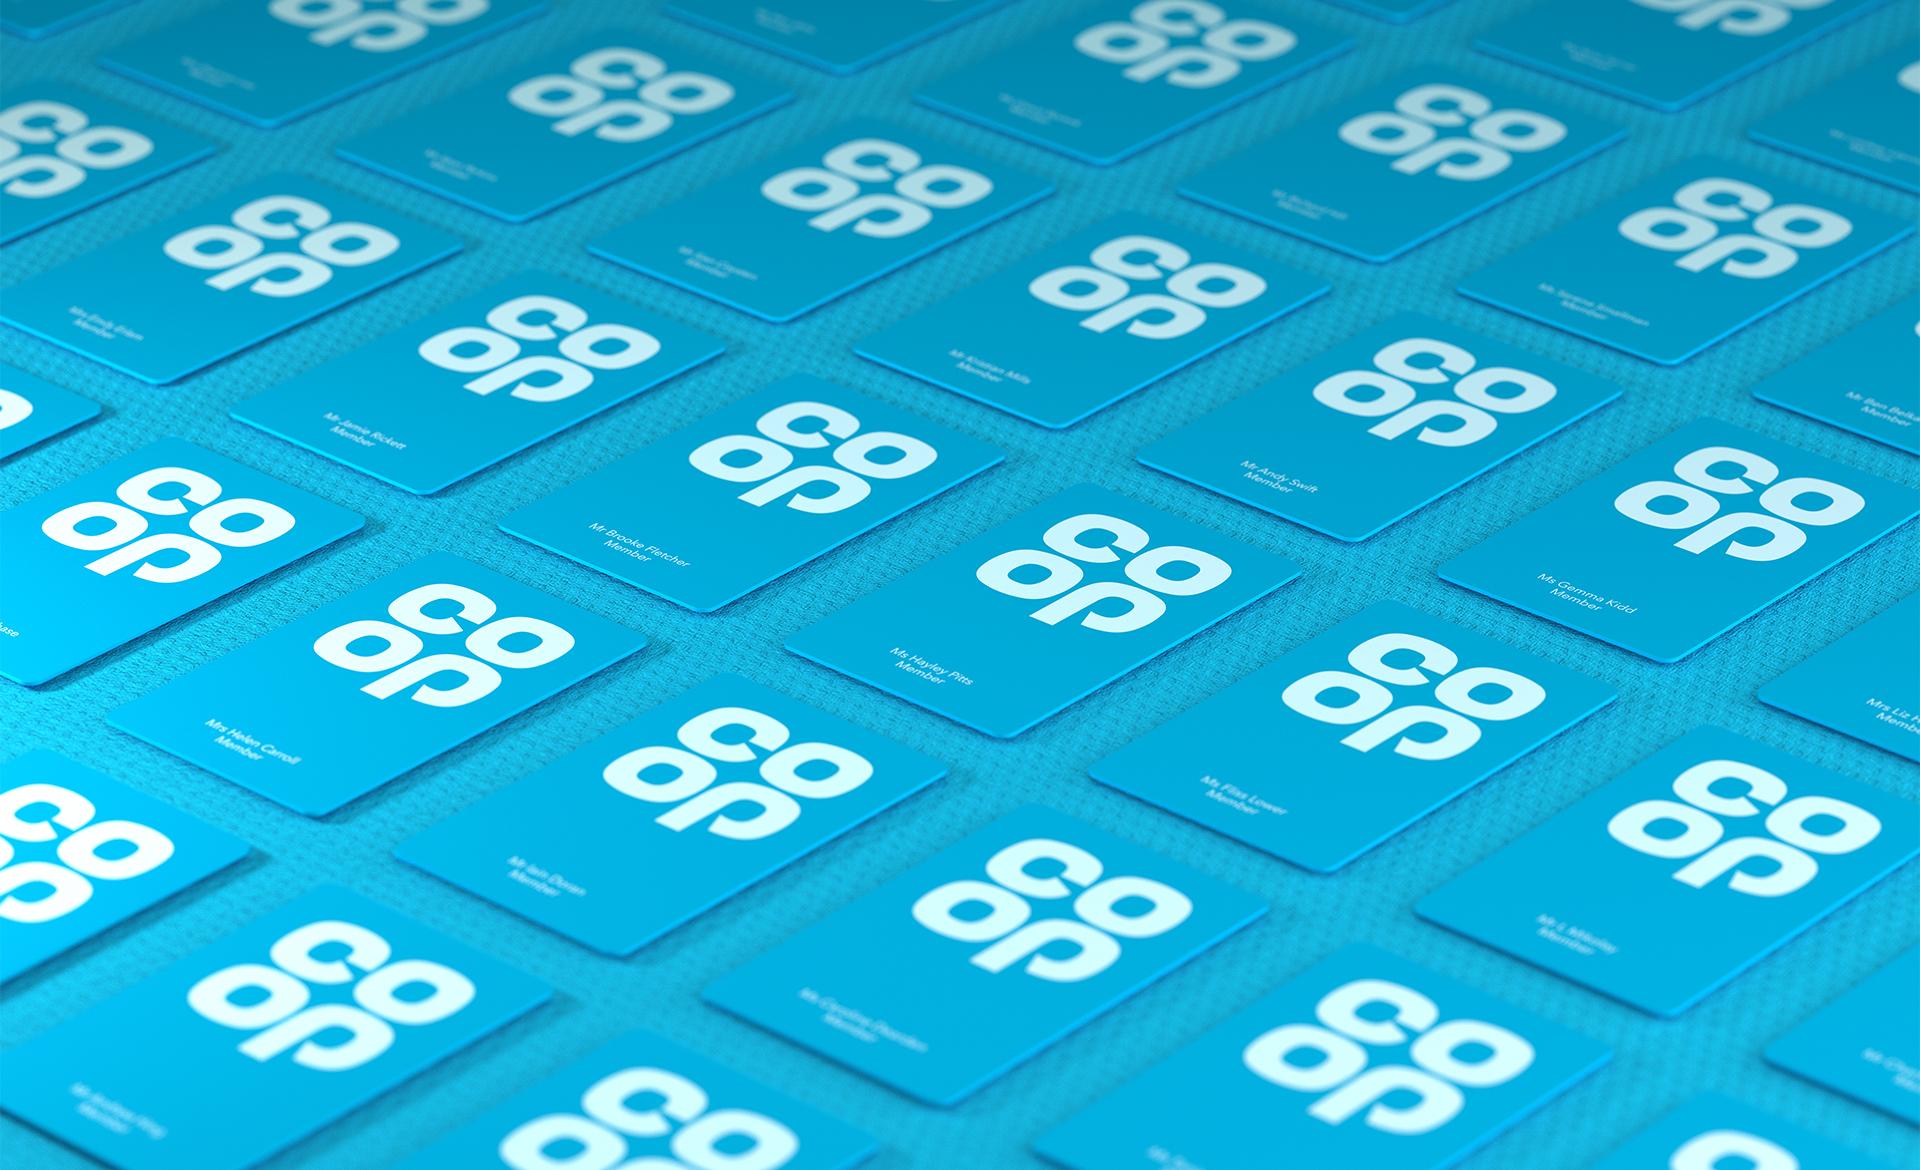 _0033_Coop Member Cards grid.jpg